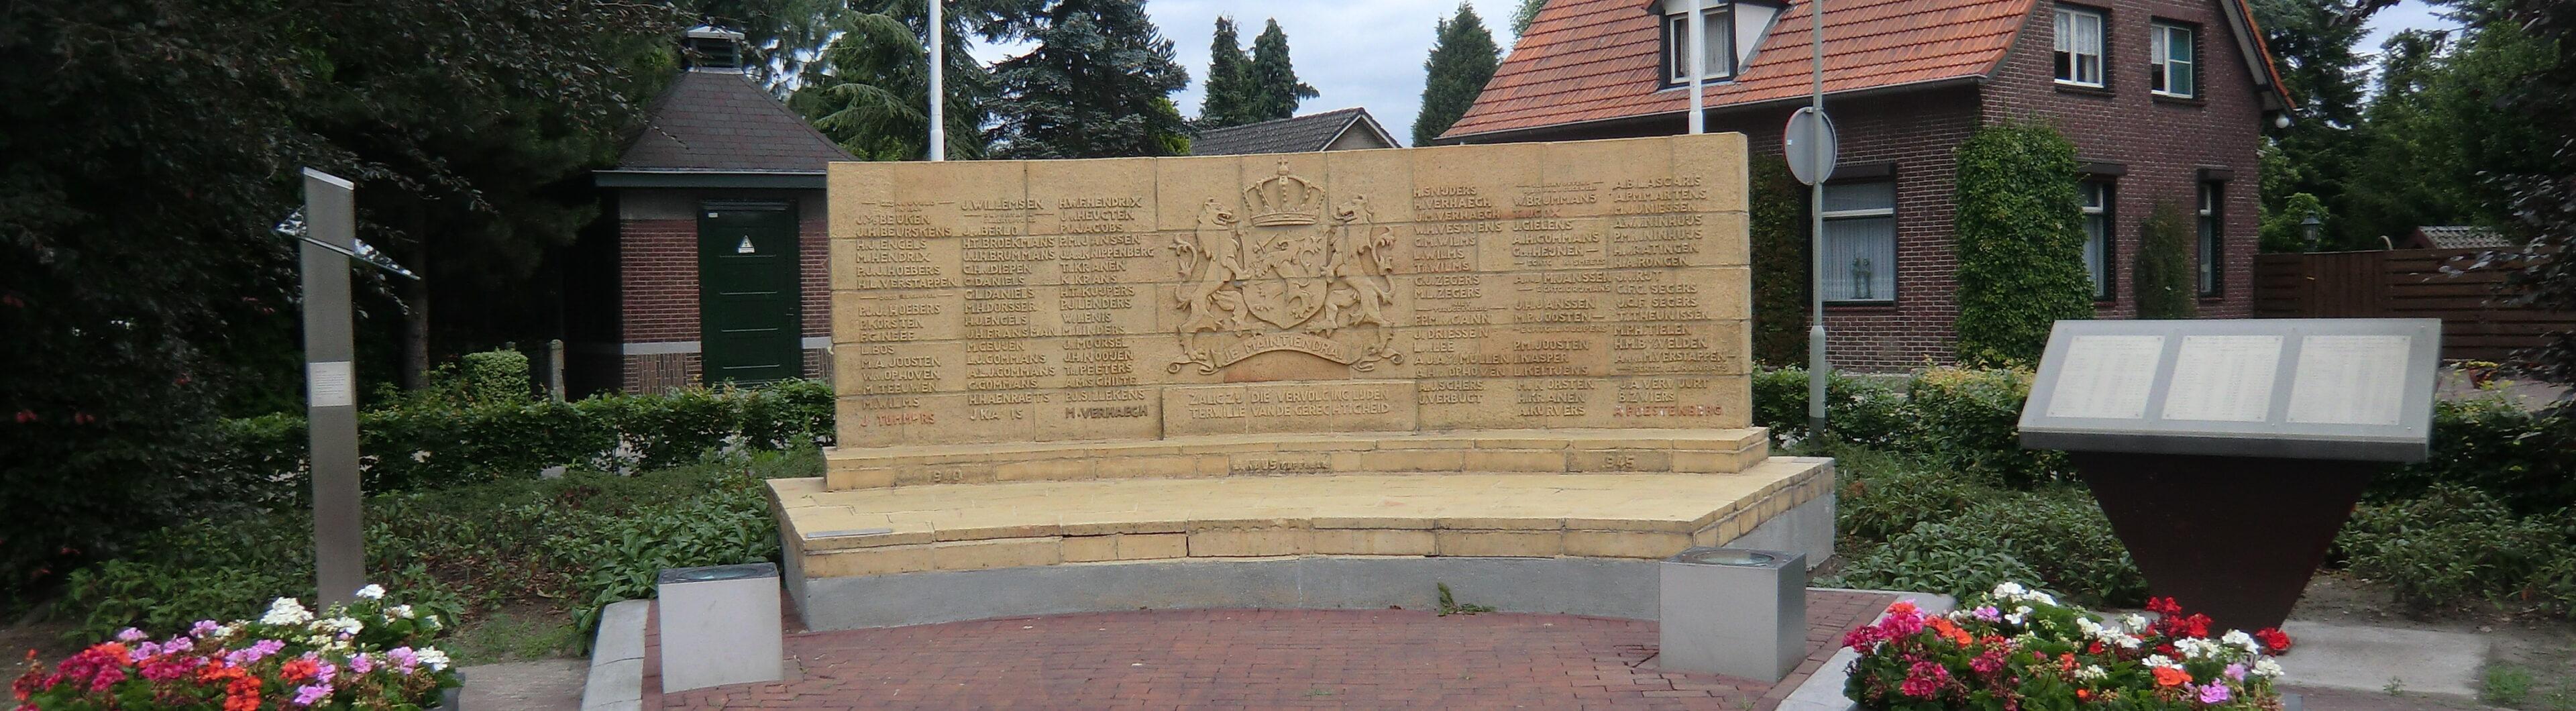 Panningen, 'Everlo-monument' (foto: Prudent Staal)